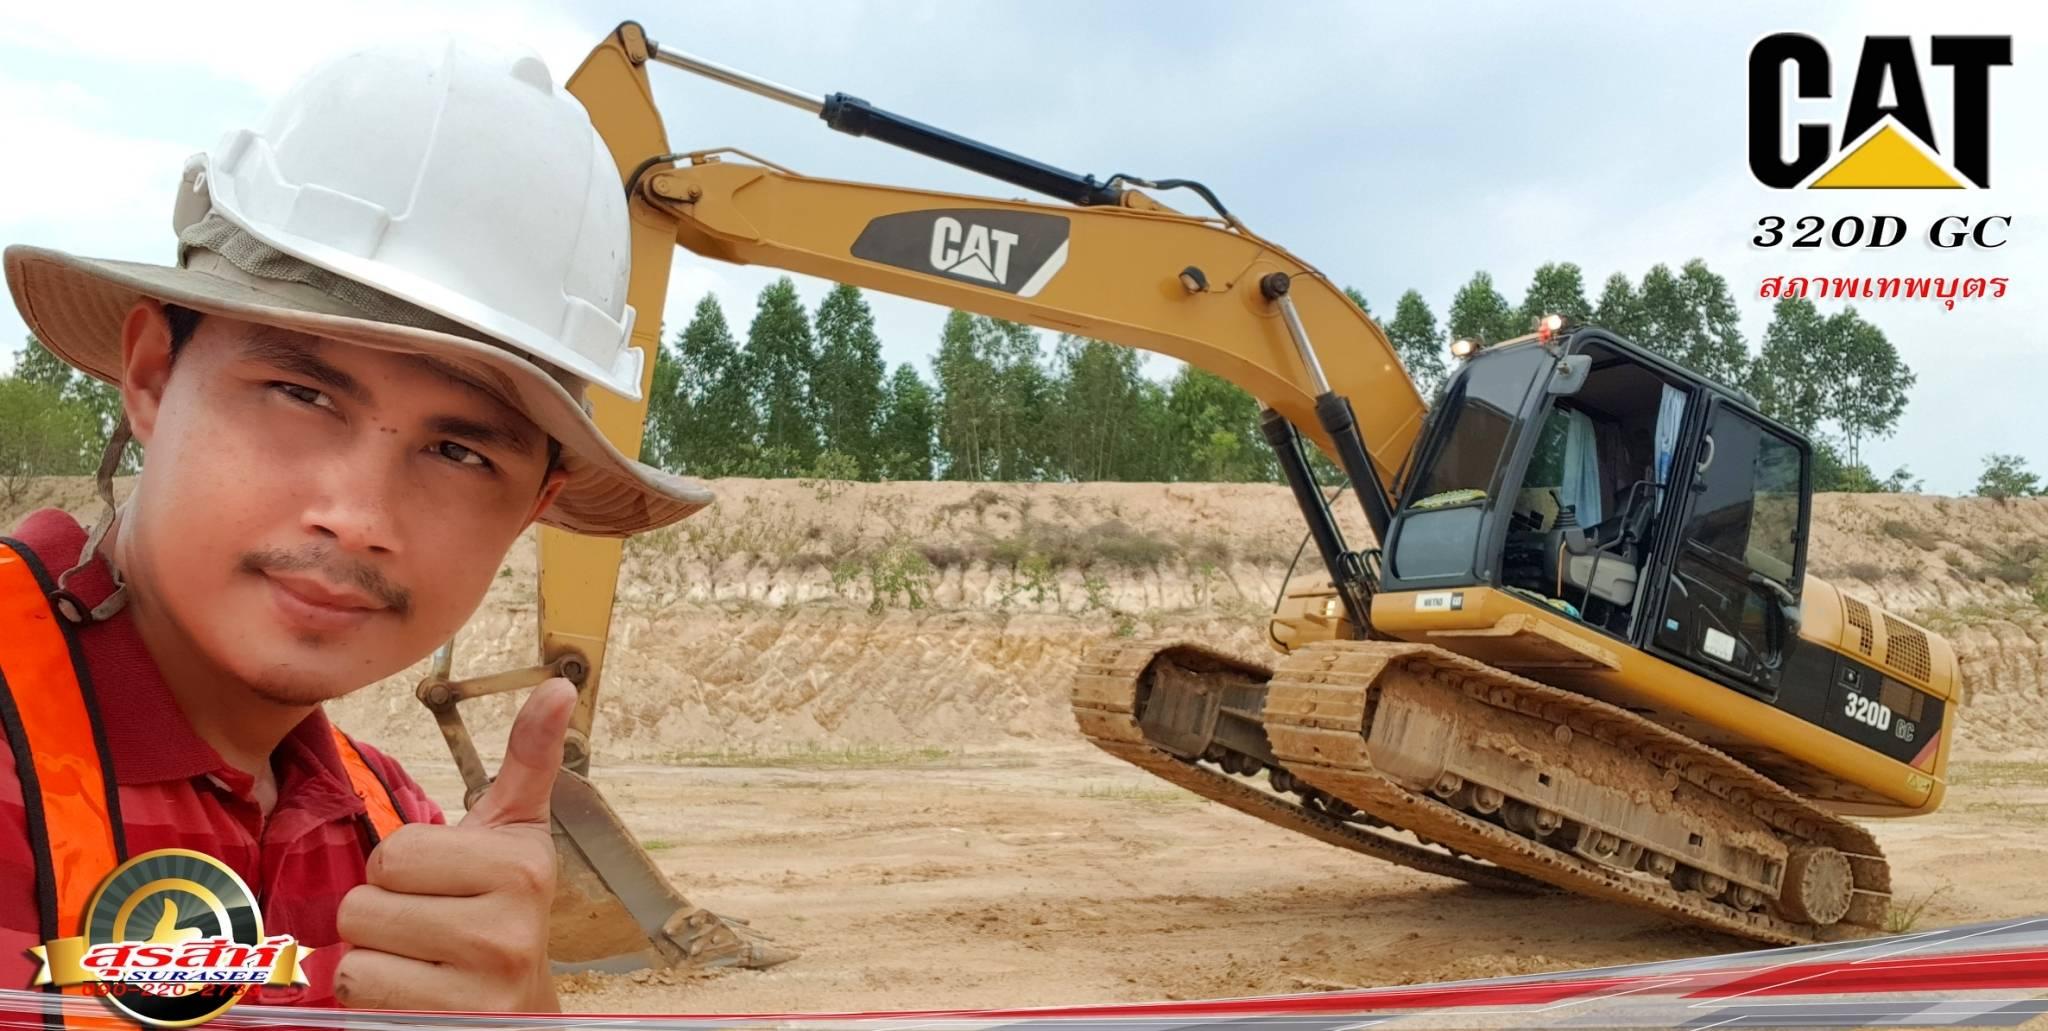 ขายรถแบคโฮ CAT 320D GC ใช้งาน 12,xxx ชั่วโมง สภาพเทพบุตร พร้อมใช้งาน รถยืนบ่อดิน มีการใช้งานและดูแลรักษาดี